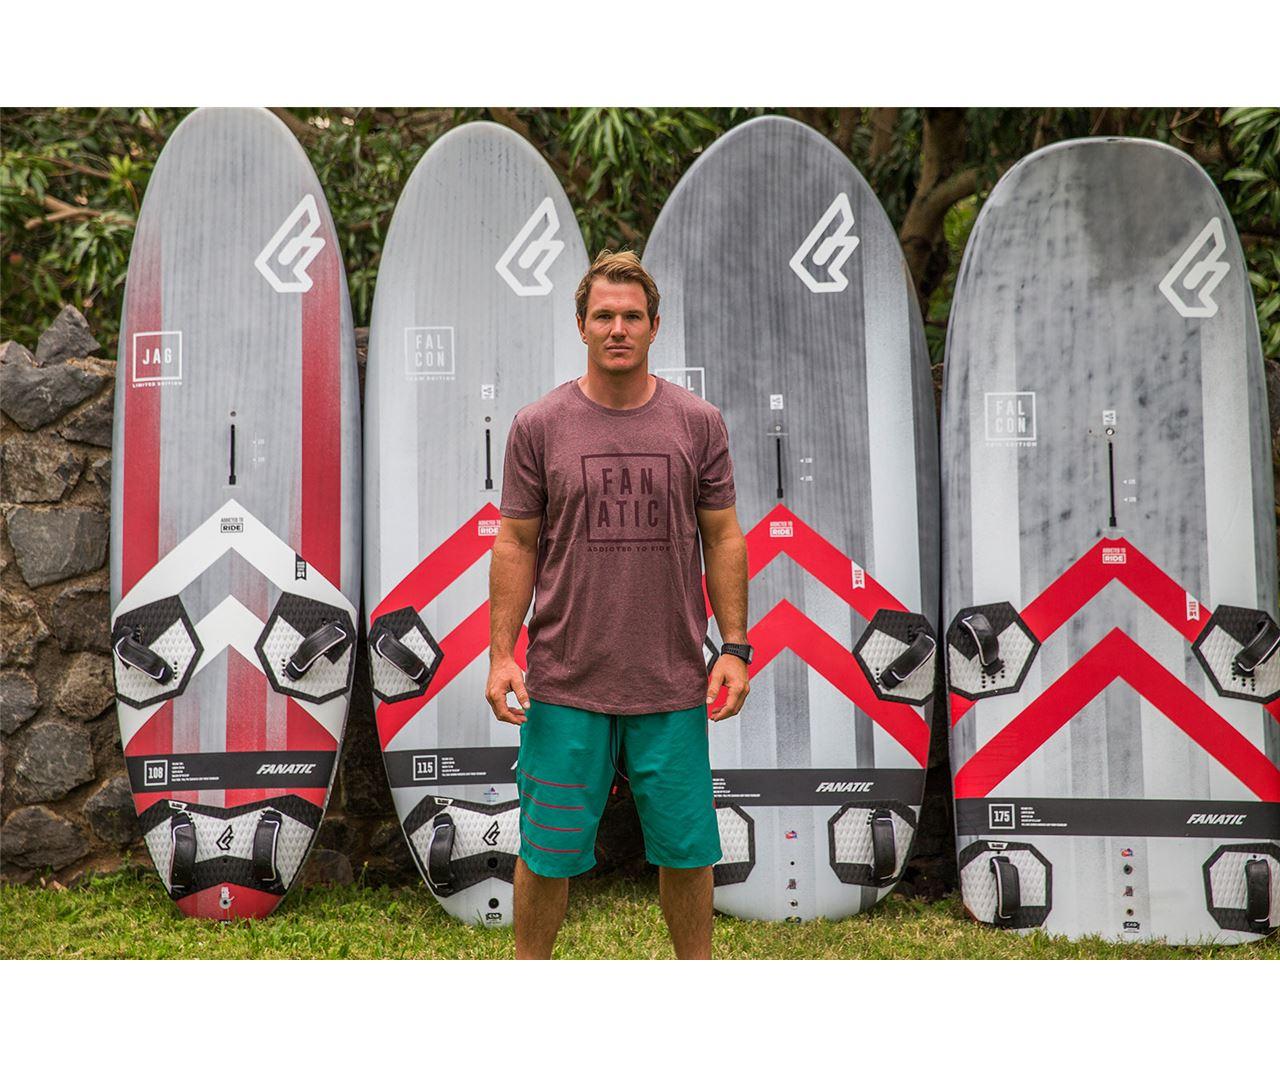 Fanatic Windsurfing 2019 Range Released